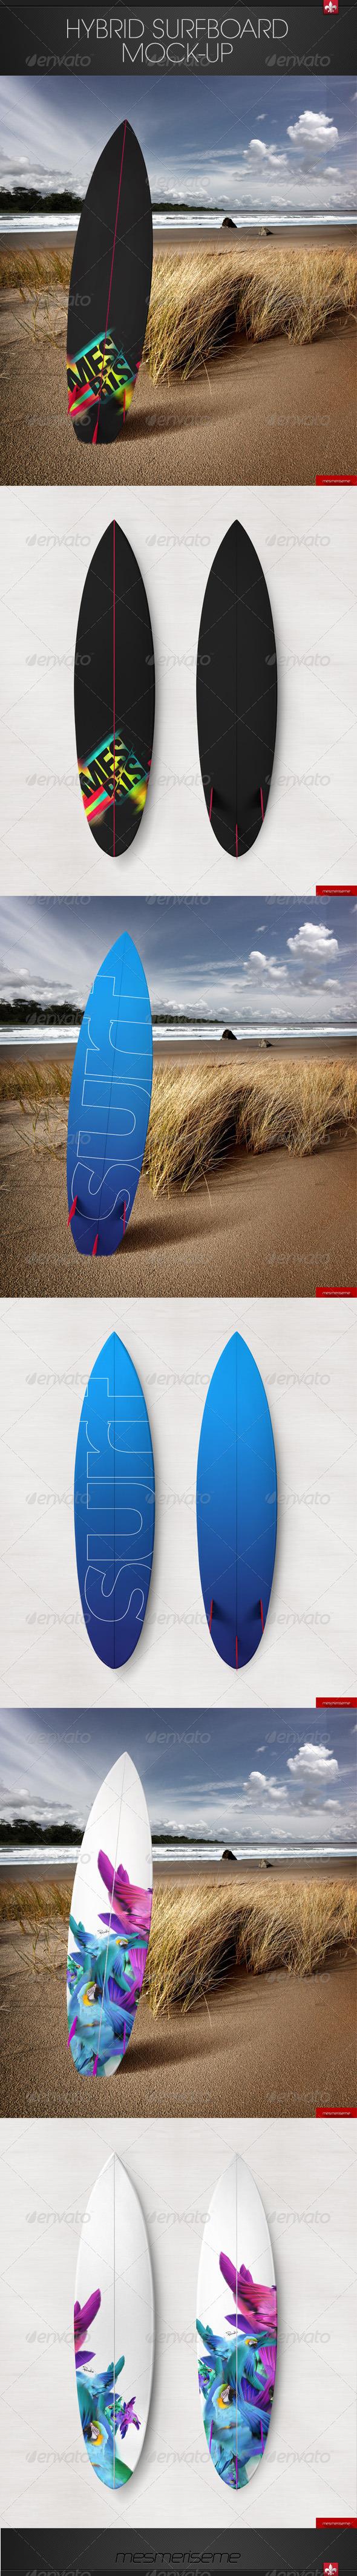 GraphicRiver Hybrid Surfboard Mock-up 7575436